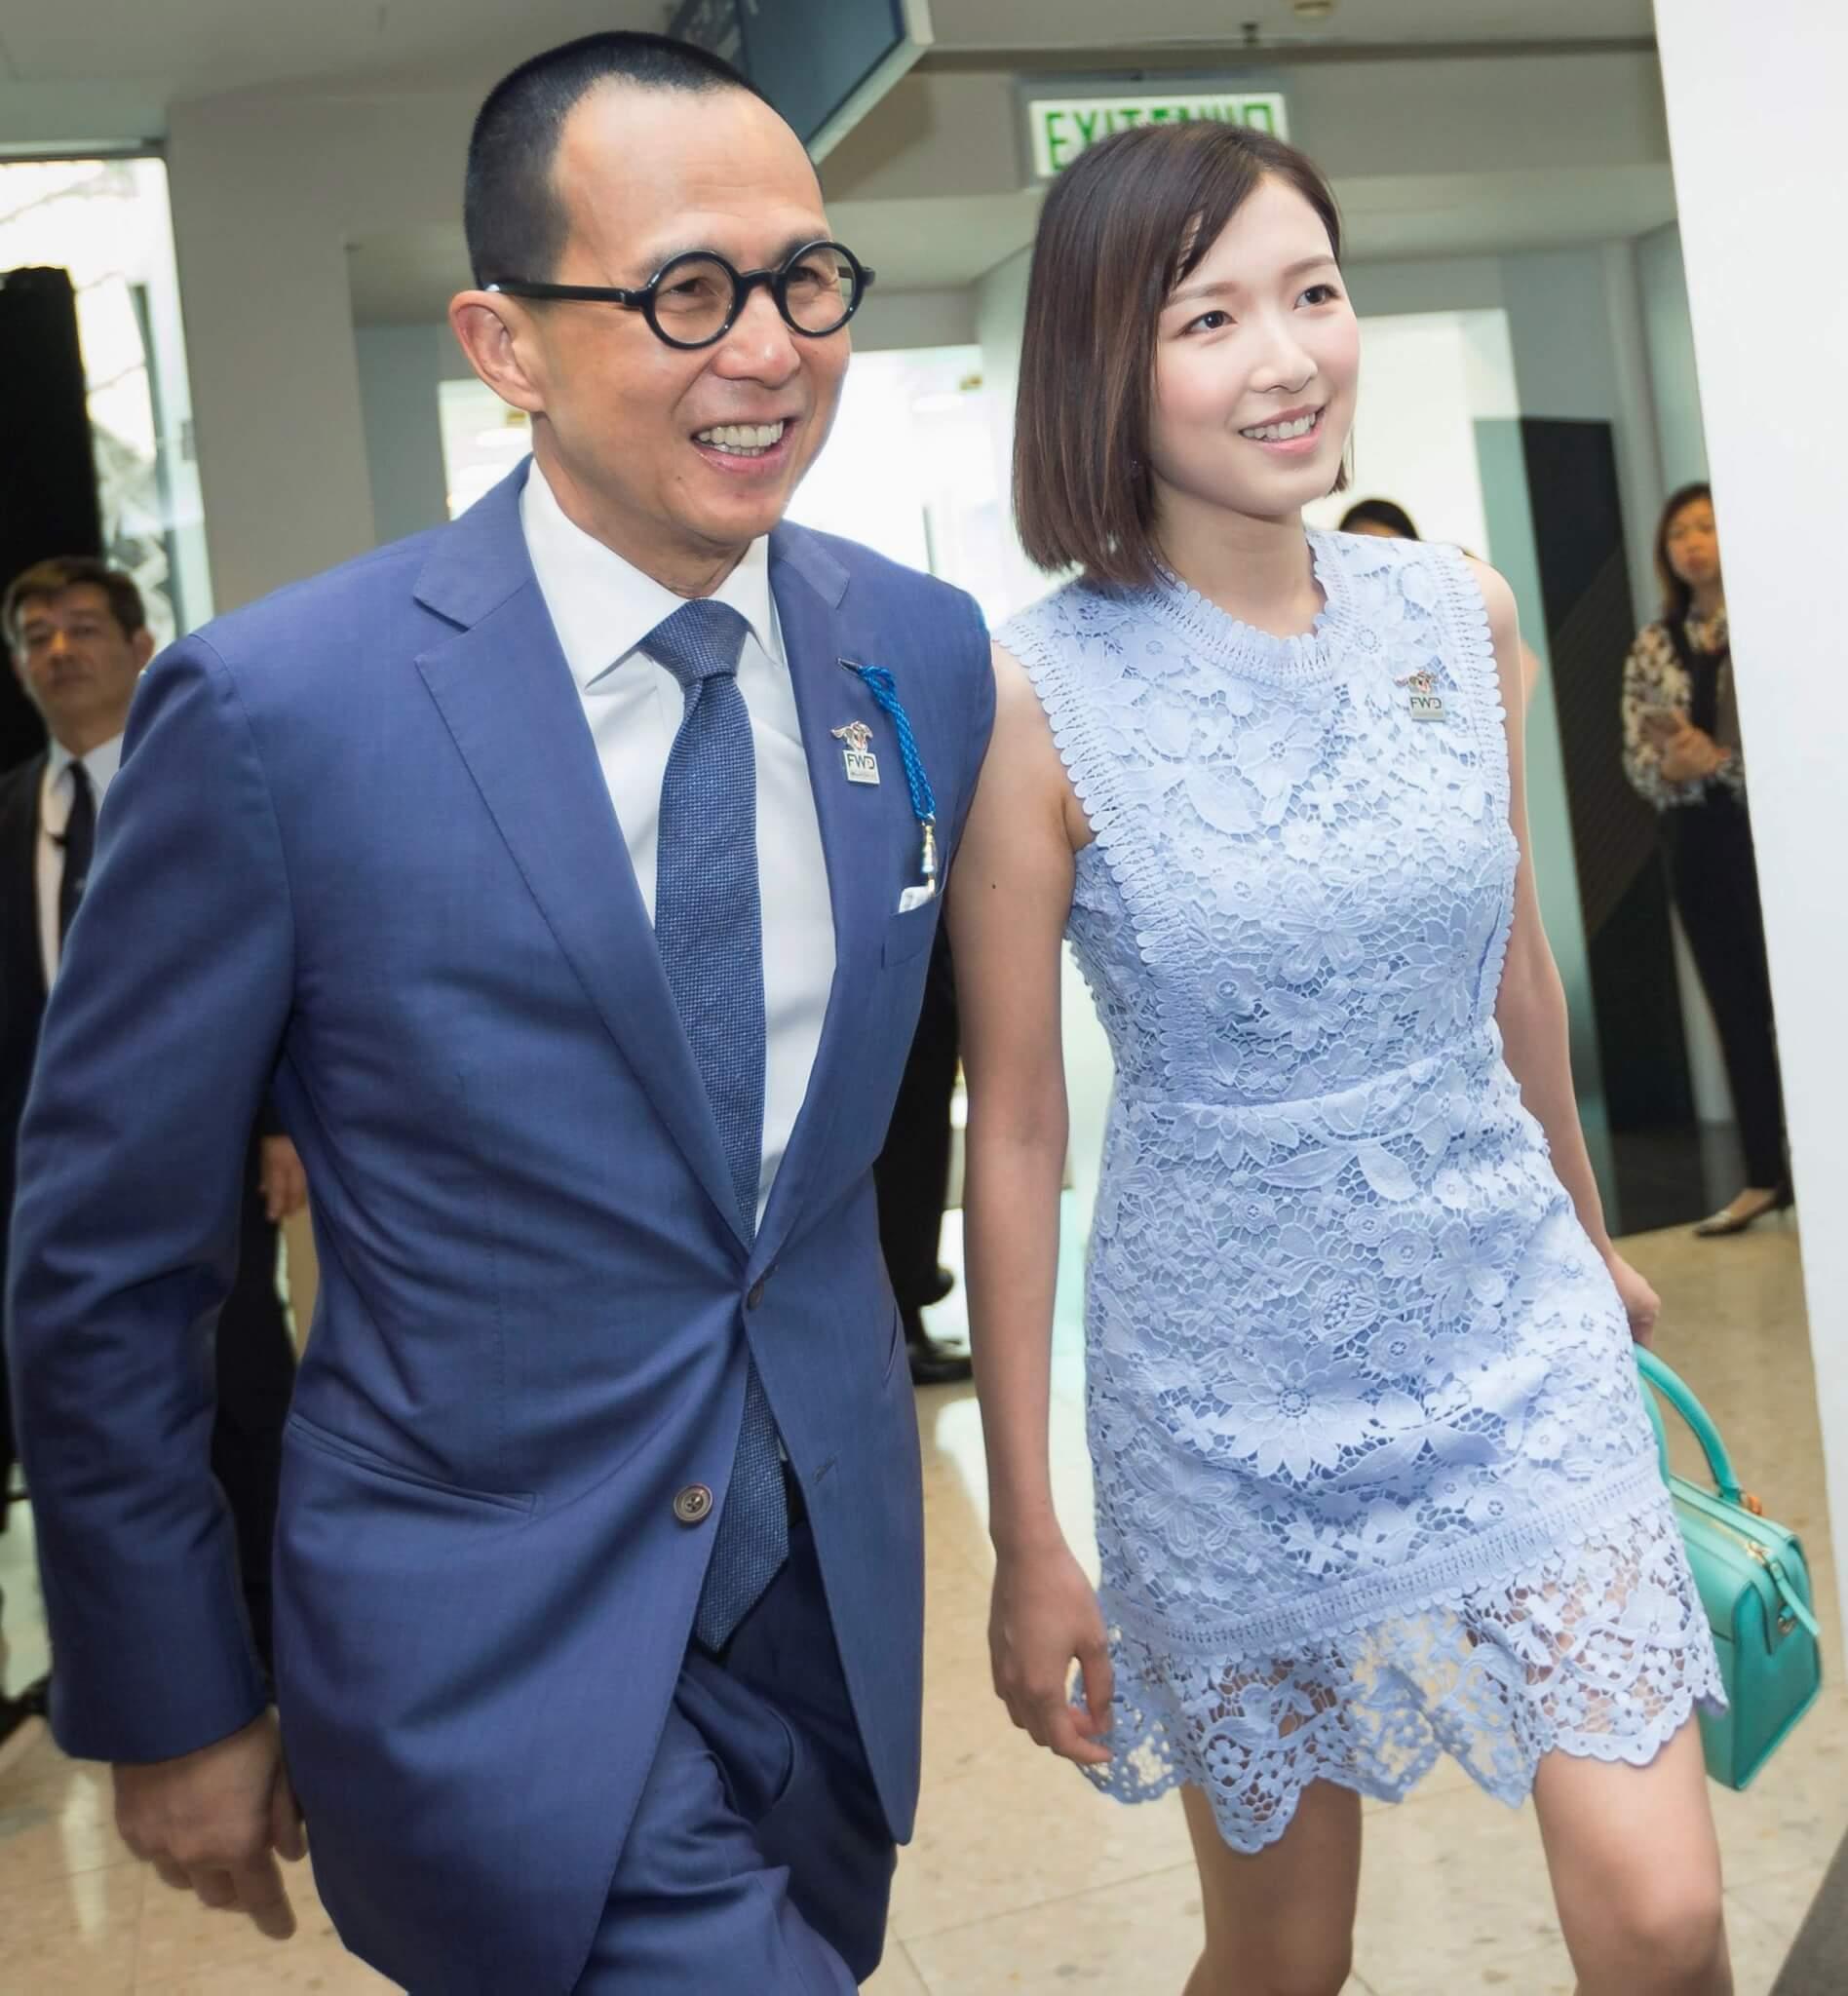 2019年,郭嘉文與李澤楷出席沙田馬場的賽馬日活動,罕有拍拖現身,成為全場焦點。